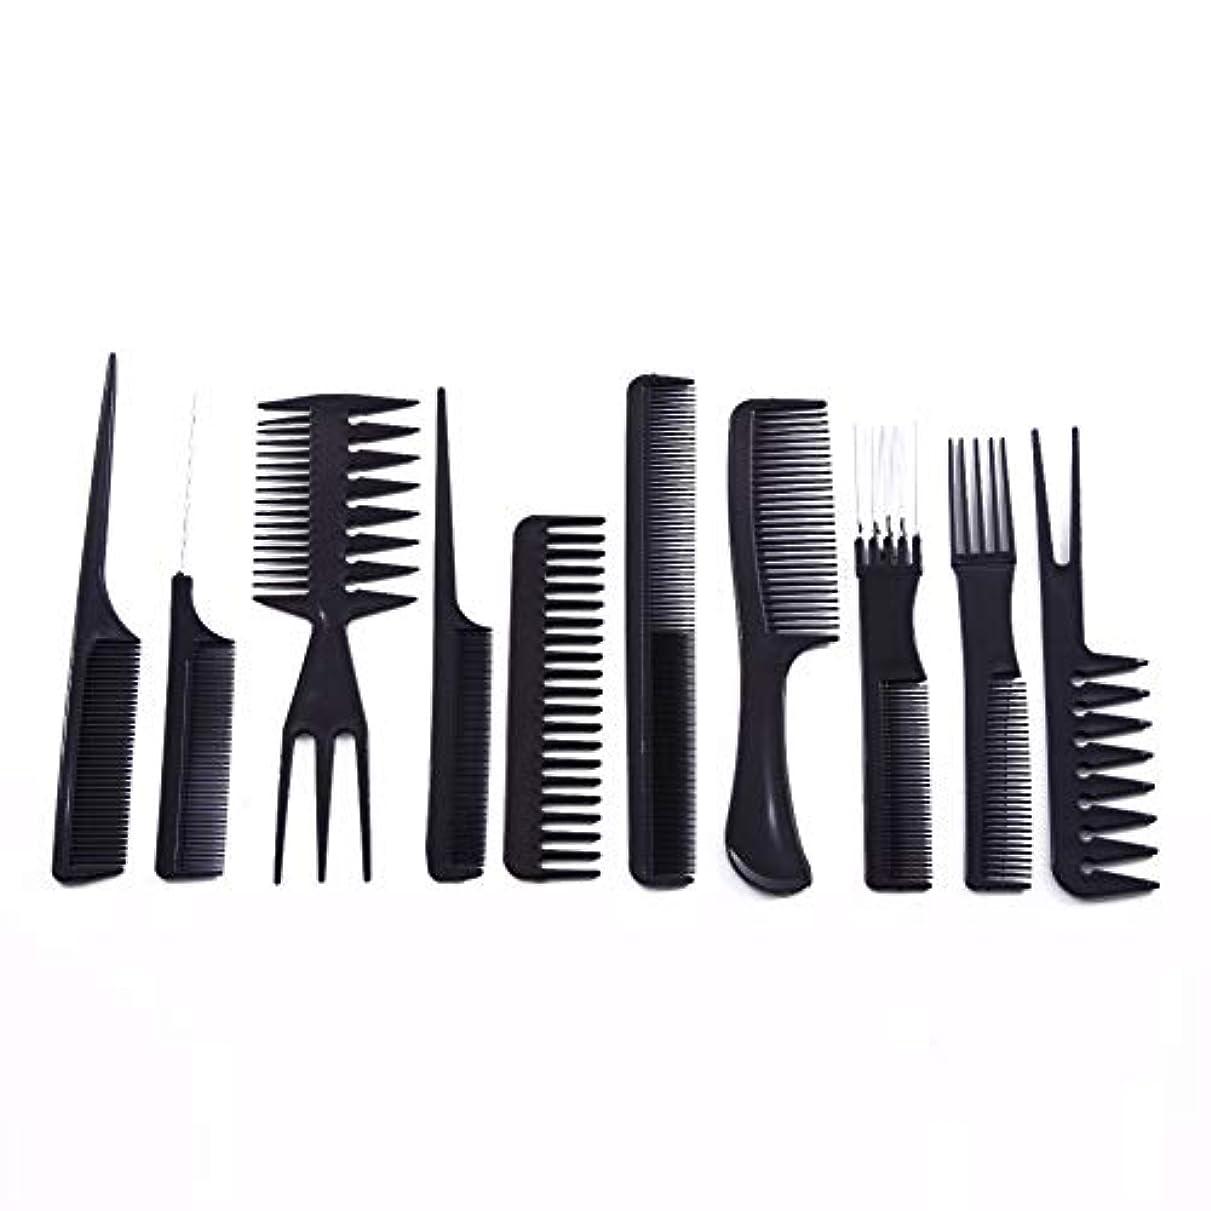 ビュッフェ祈る試験10ピース/セットプロのヘアブラシ櫛サロン理容帯電防止ヘアコームヘアケアスタイリングツール用すべての髪タイプ